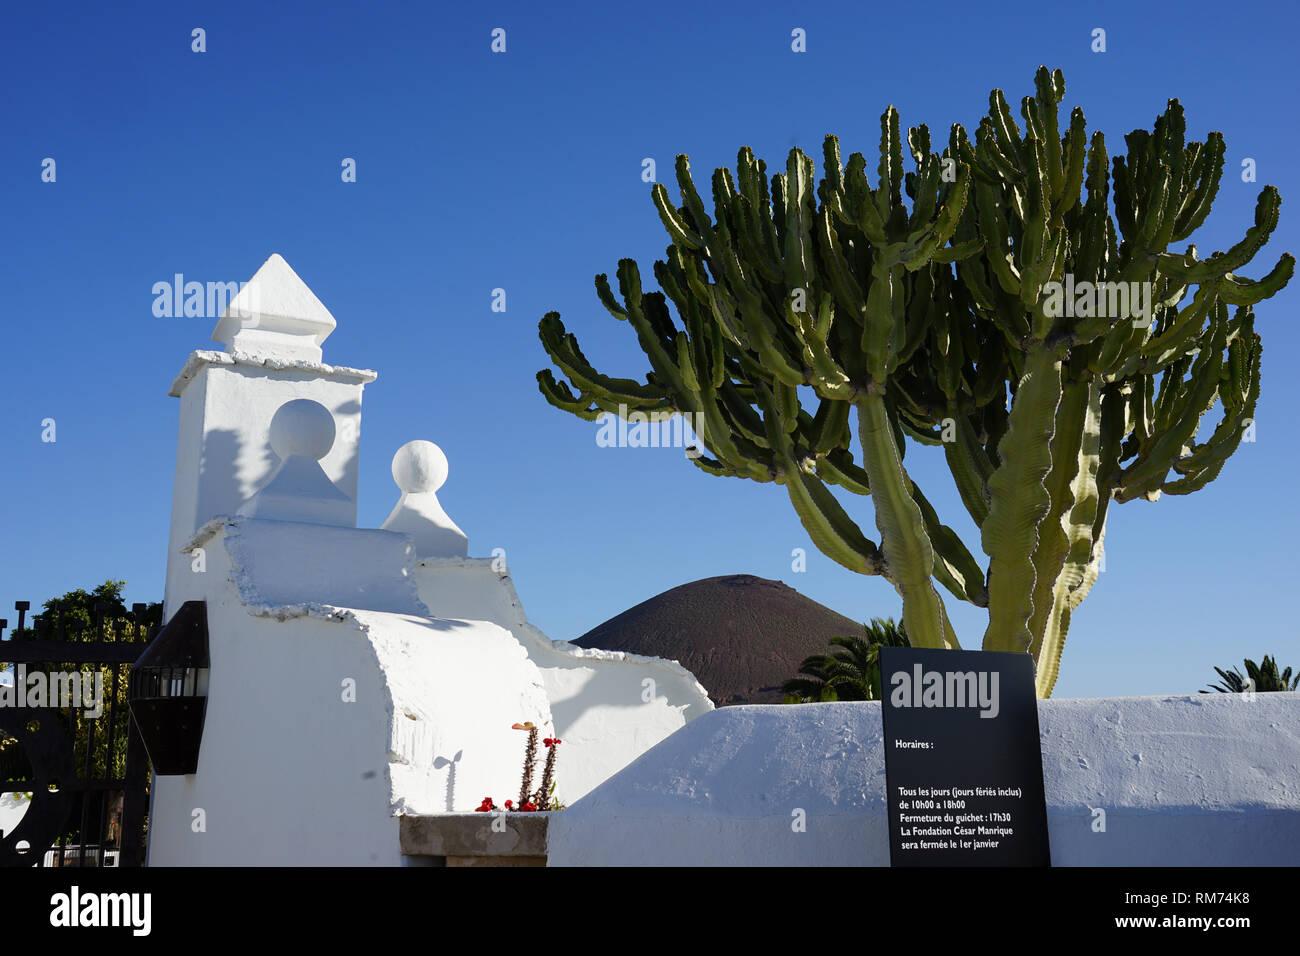 Eingangsbereich, Vulkanhaus, Fundación César Manrique,  Vulkan und Architektur, Museum, Tahiche, Lanzarote, Kanarische Inseln, Spanien - Stock Image